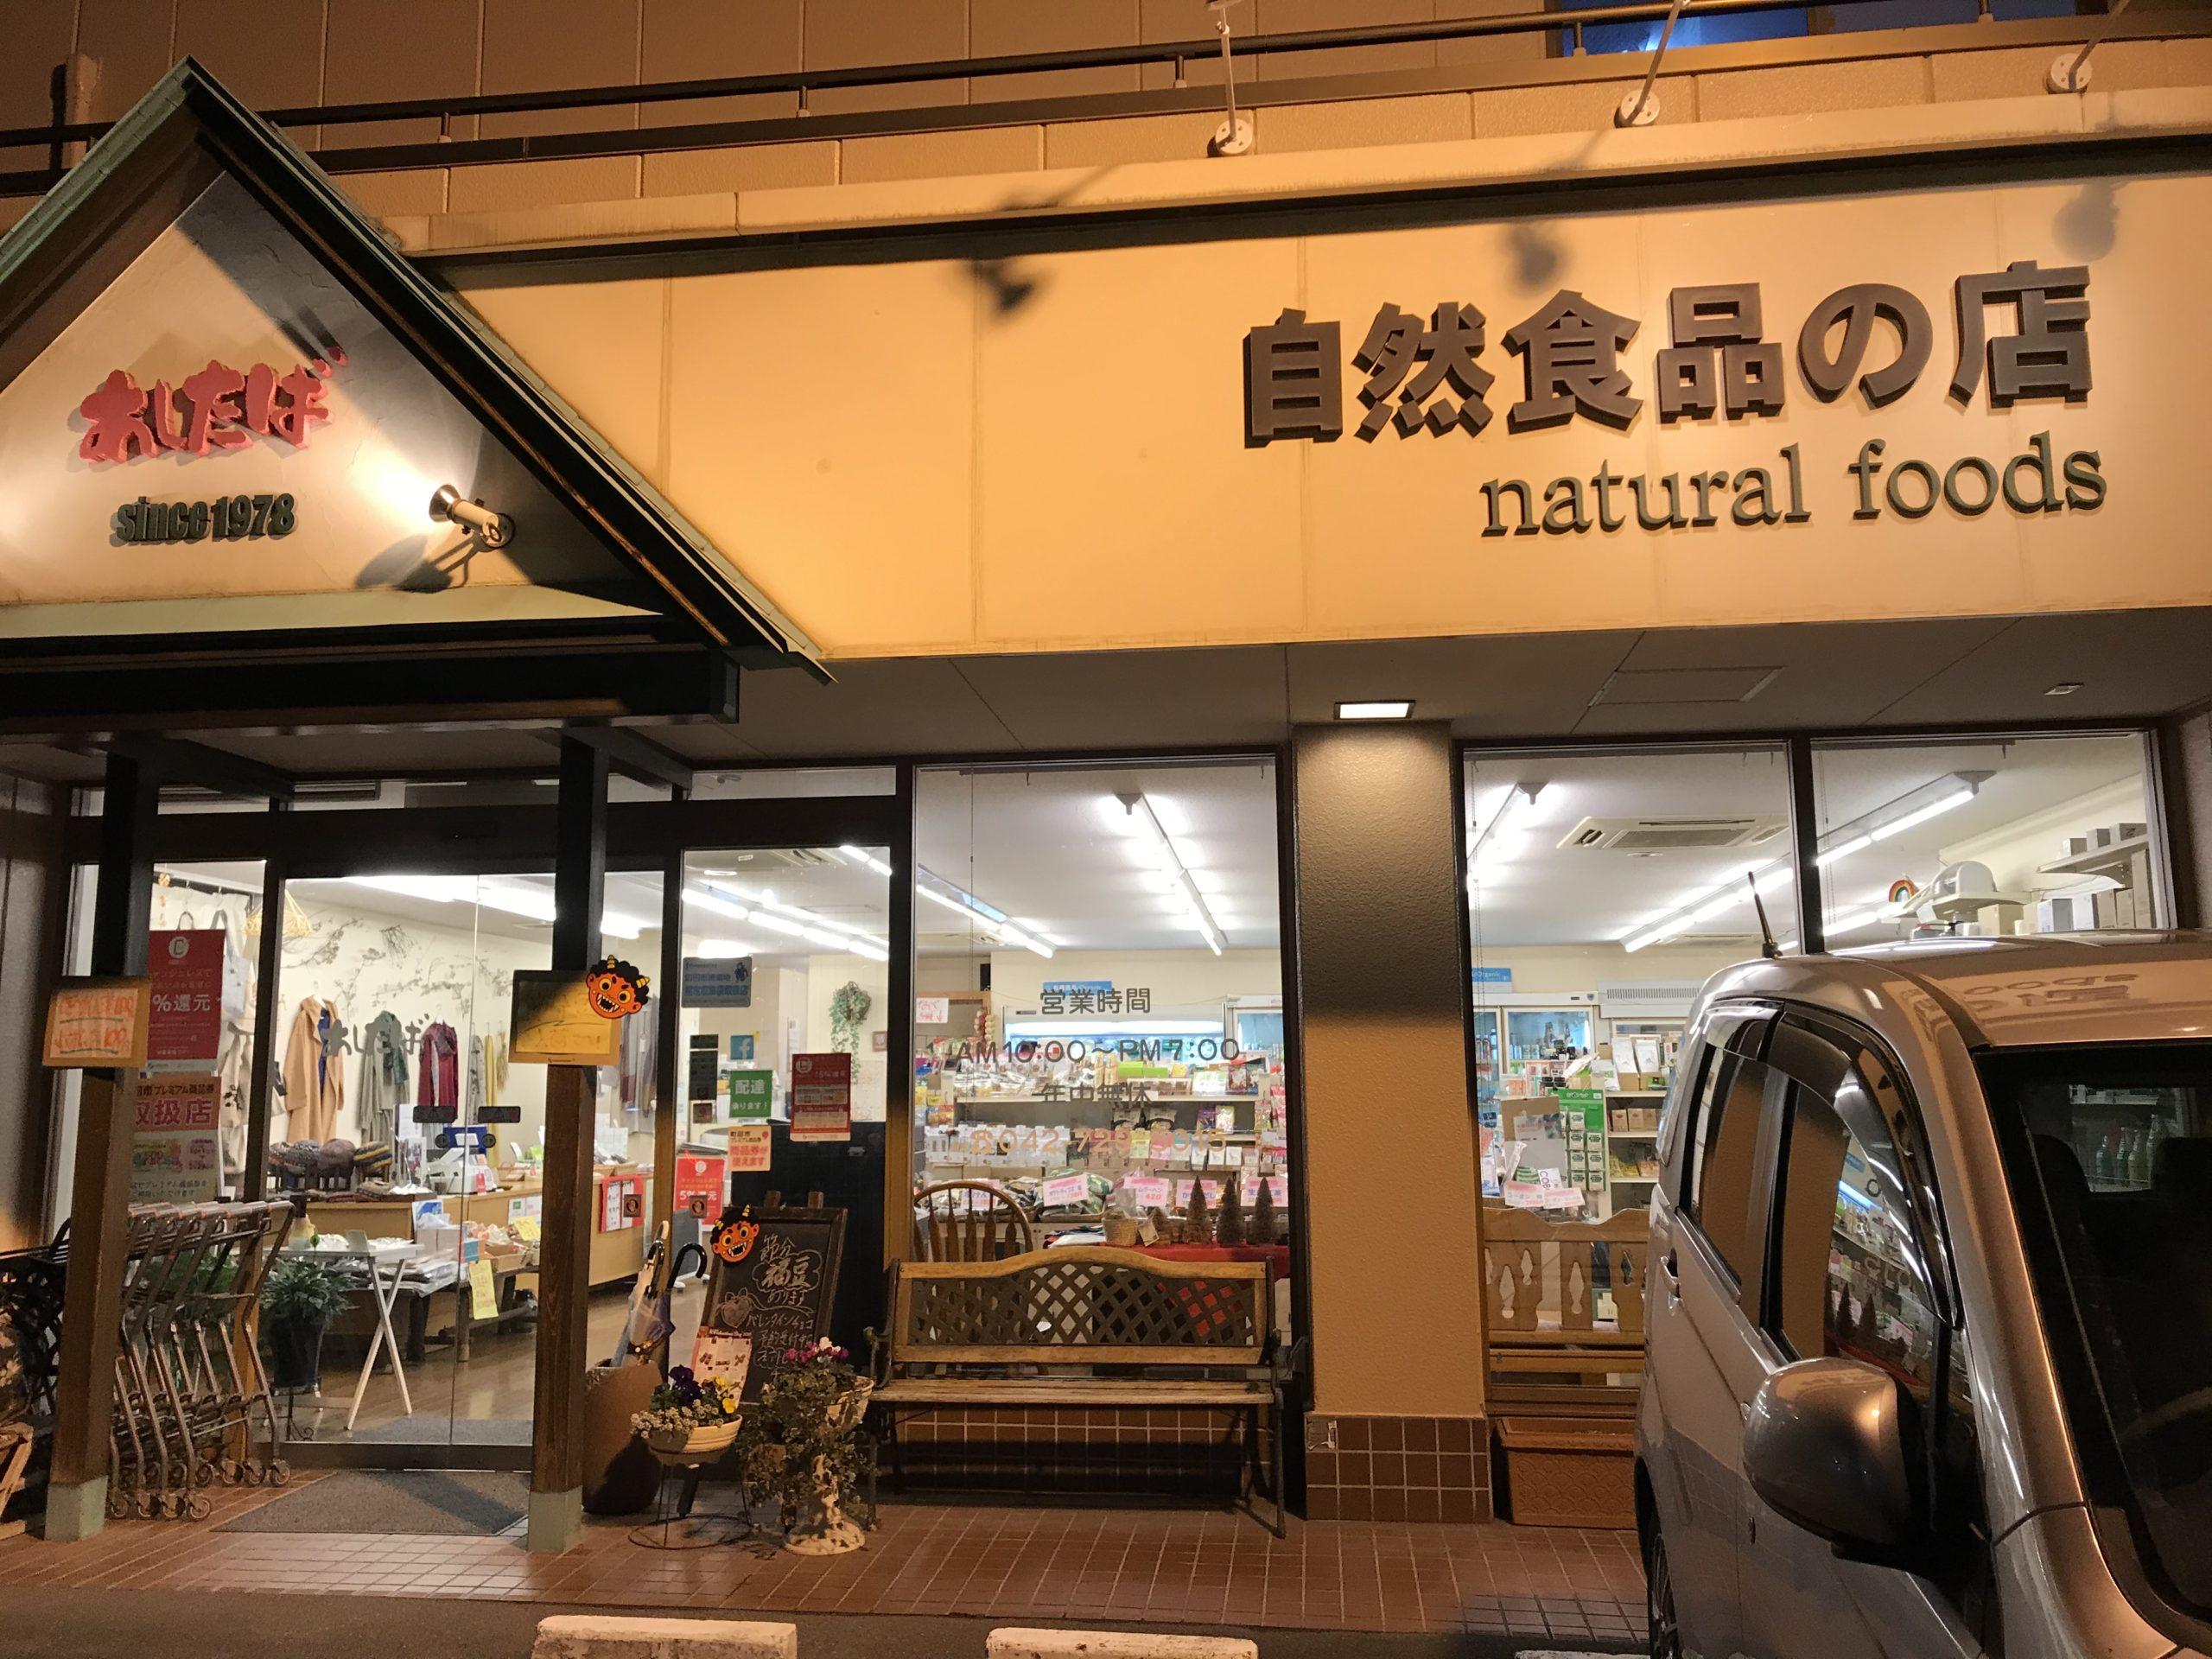 自然食品の店_あしたば